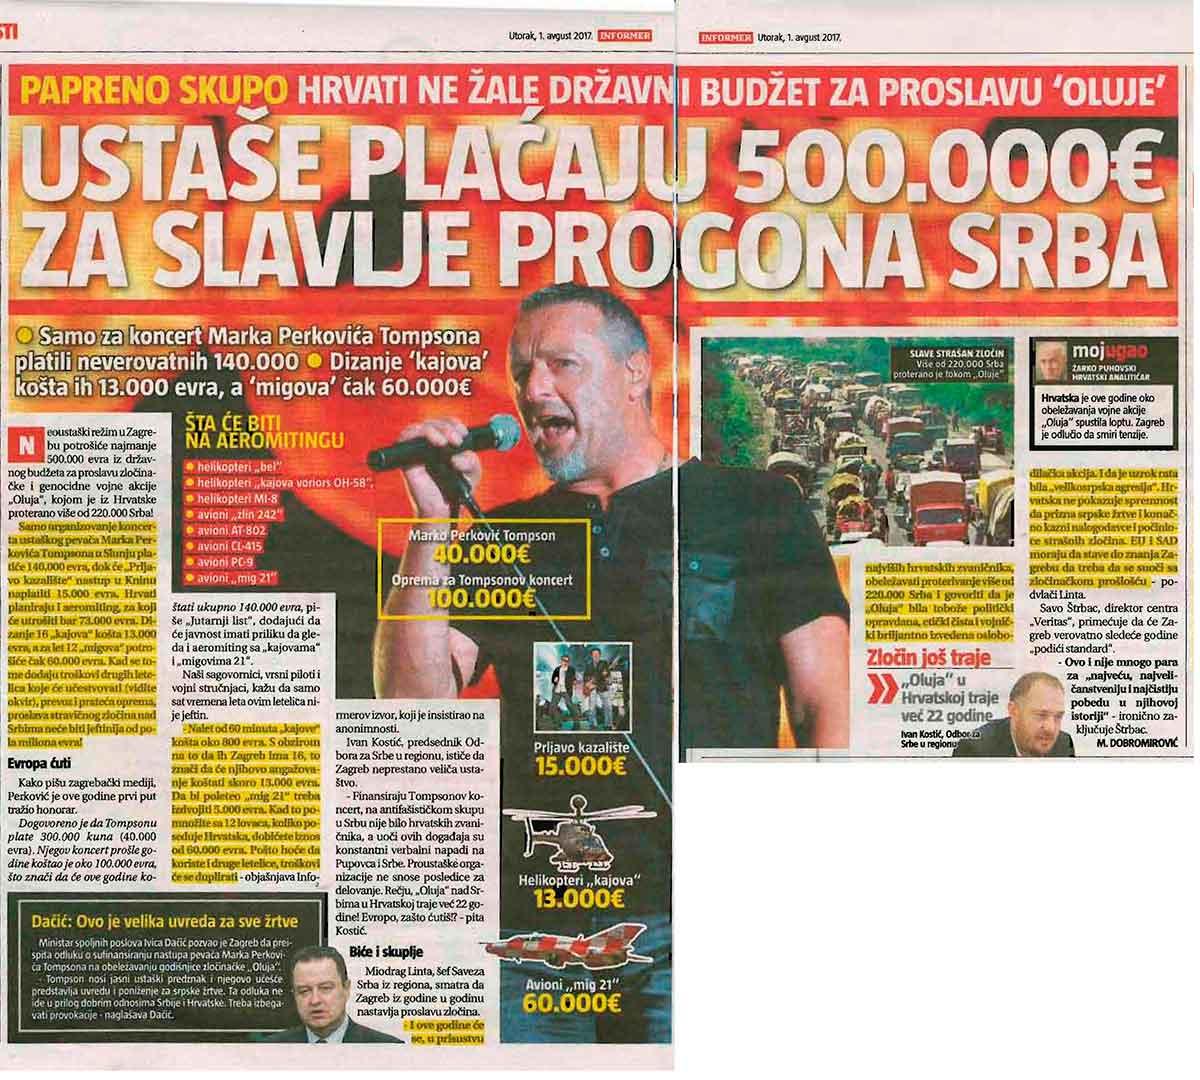 Informer, 01.08.2017, SKANDAL, USTAŠE DALE 500.000 EVRA ZA SLAVLJE POGROMA SRBA! Hrvati ne žale pare za proslavu Oluje!